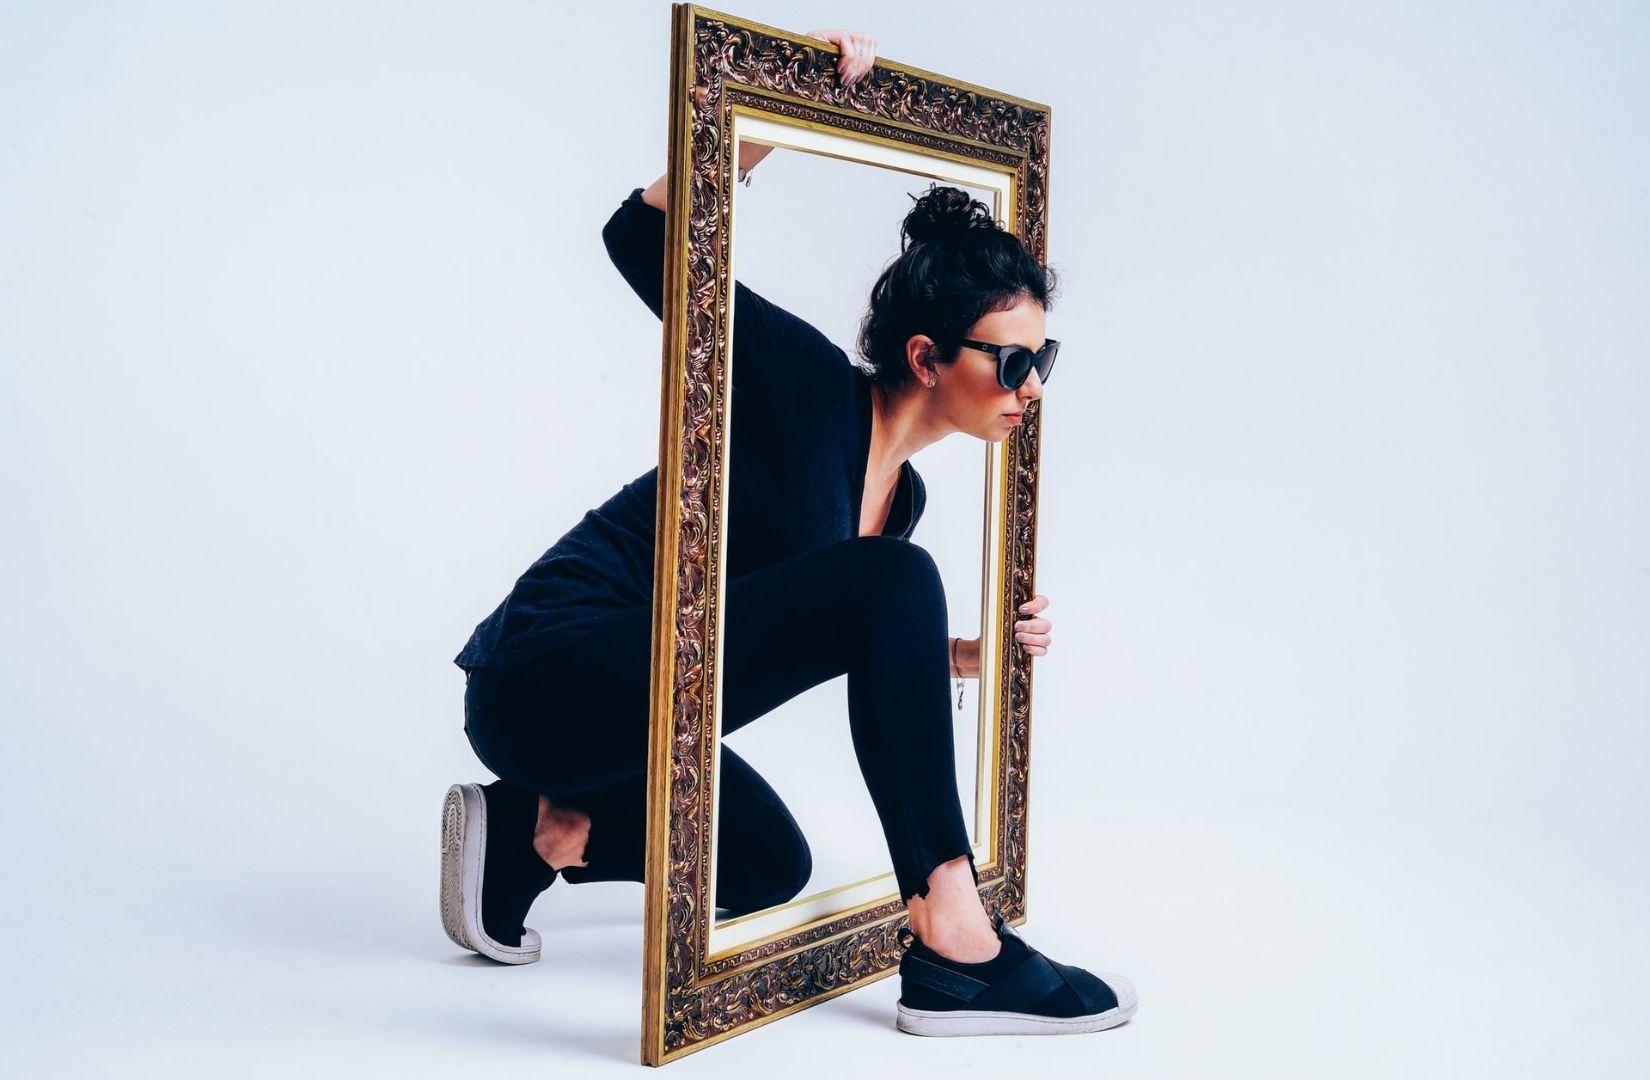 Symbolisch bis zum Grundeinkommen. Eine Frau geht durch einen Bilderrahmen. (Foto: Vinicius Amnx Amano, Unsplash.com)